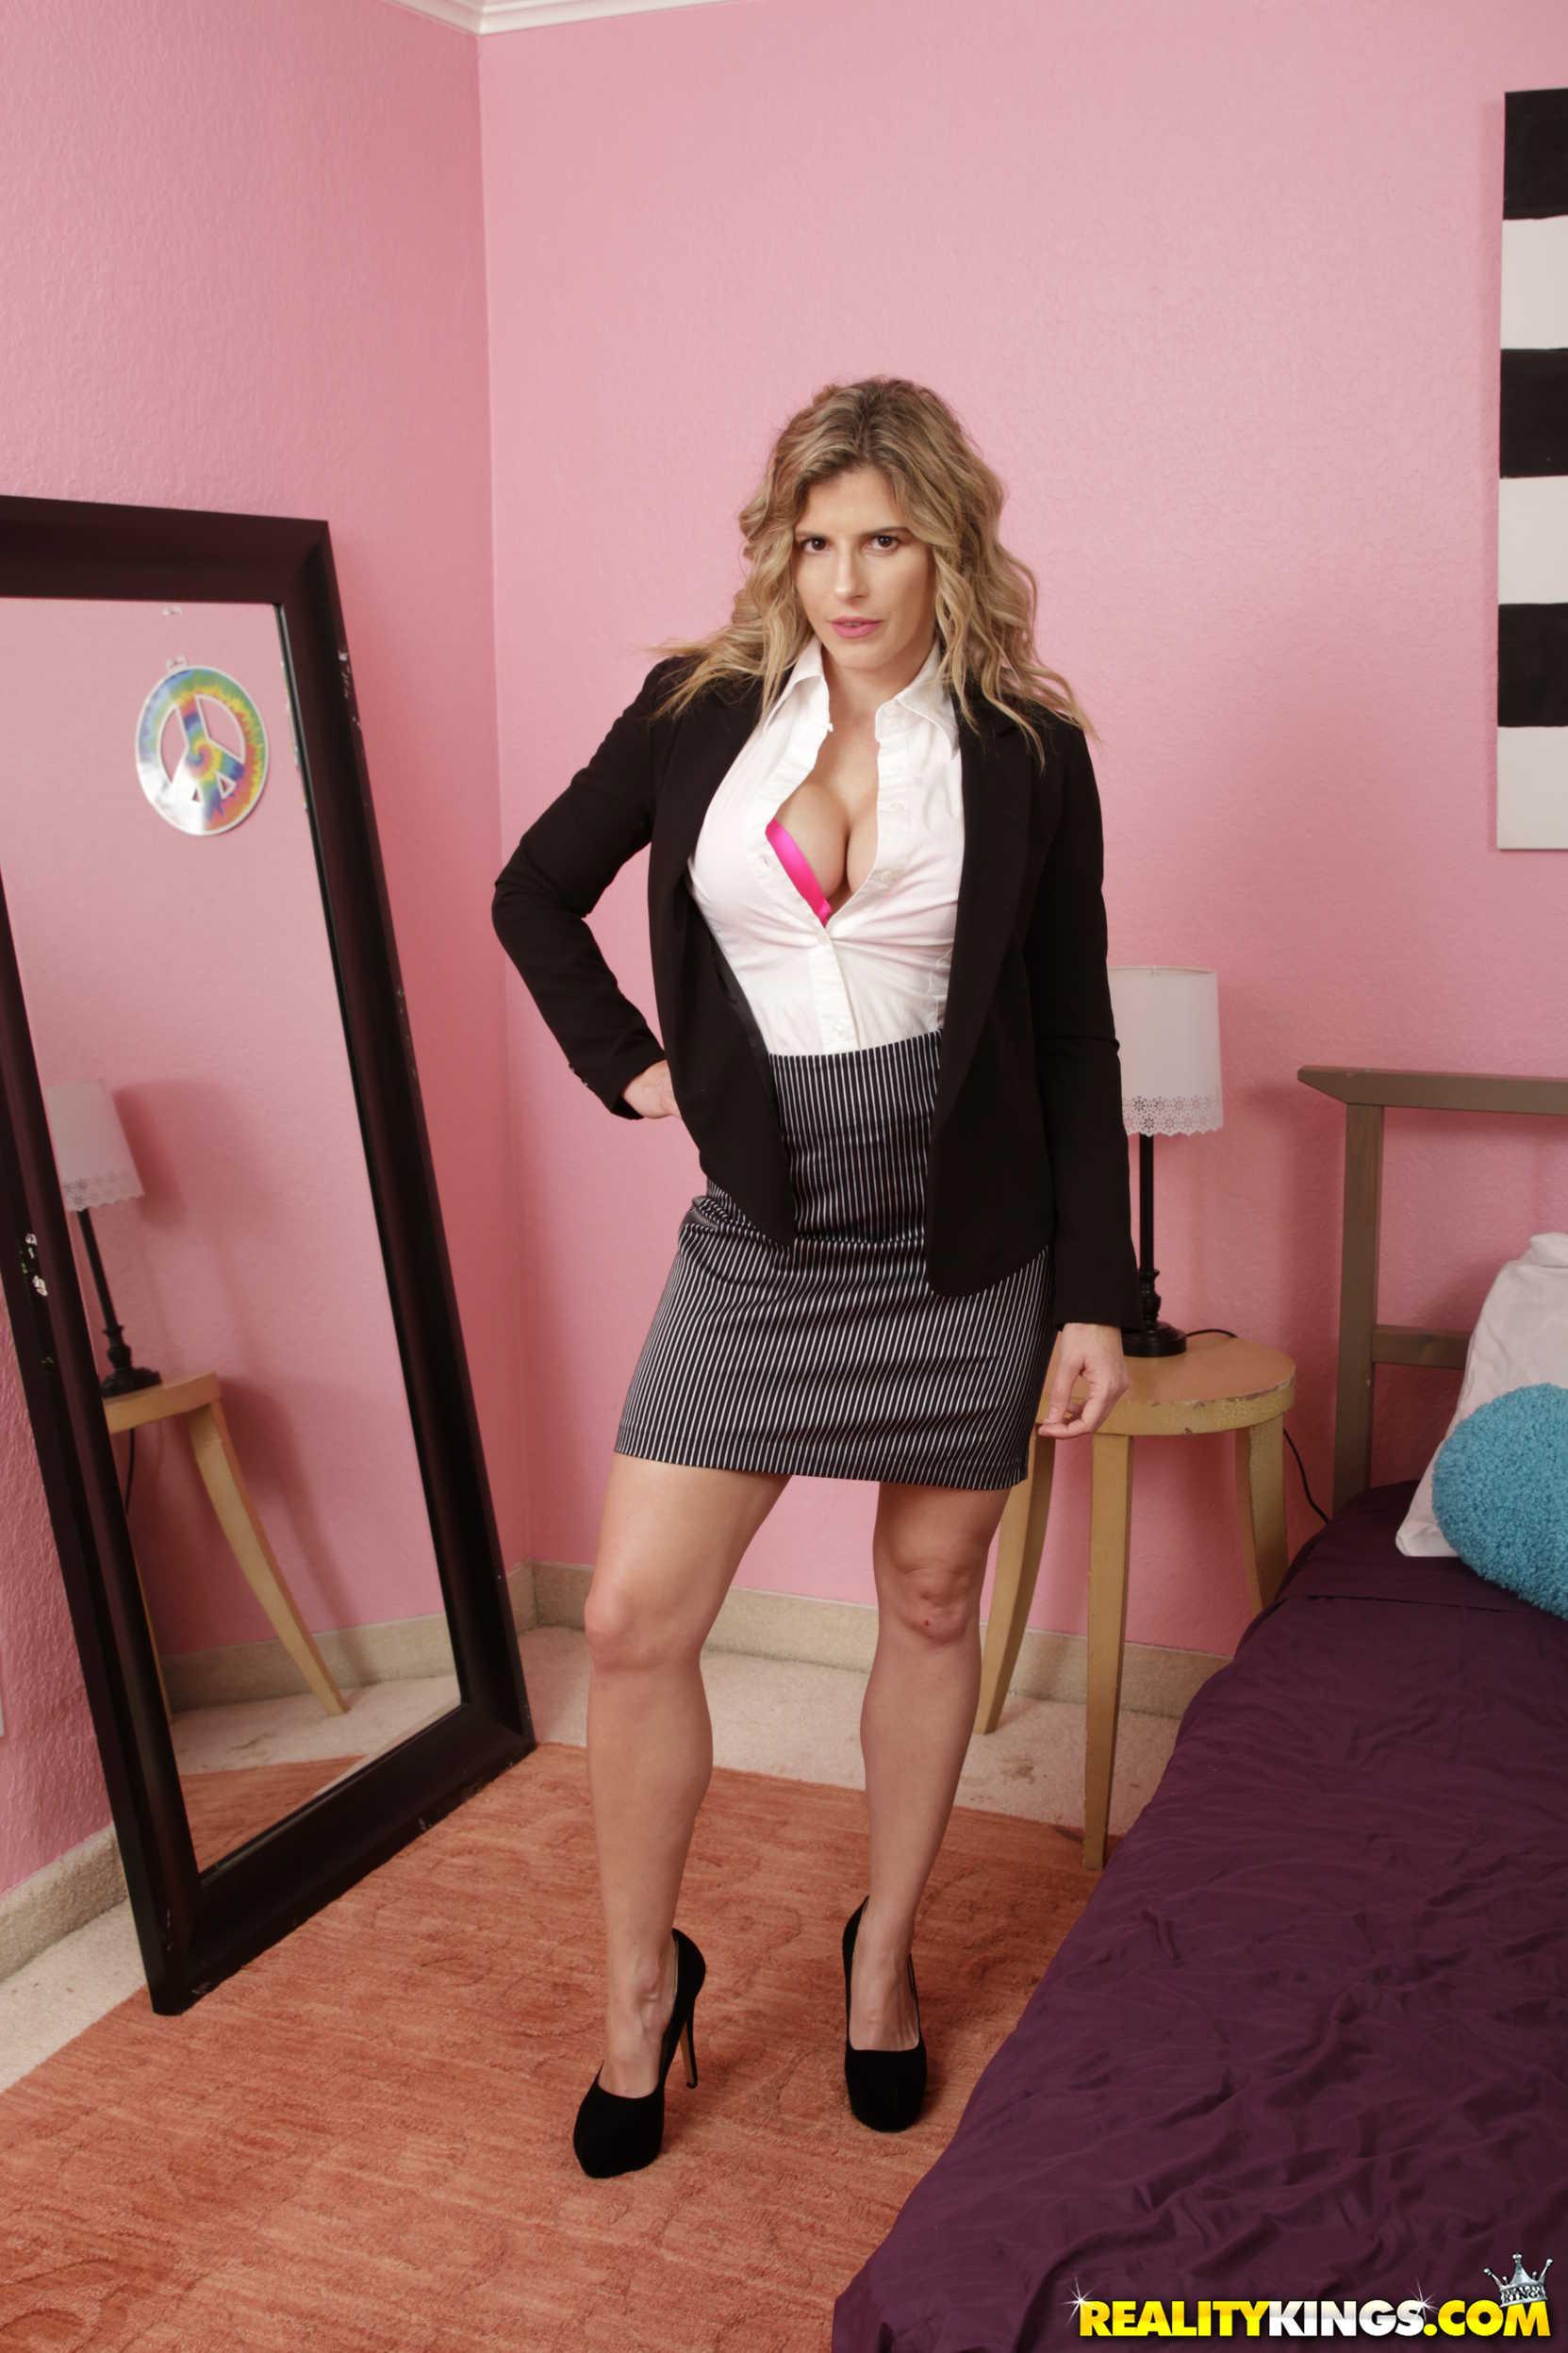 Reality Kings 'Dress Like A Slut Lick Like A Slut' starring Cory Chase (Photo 1)